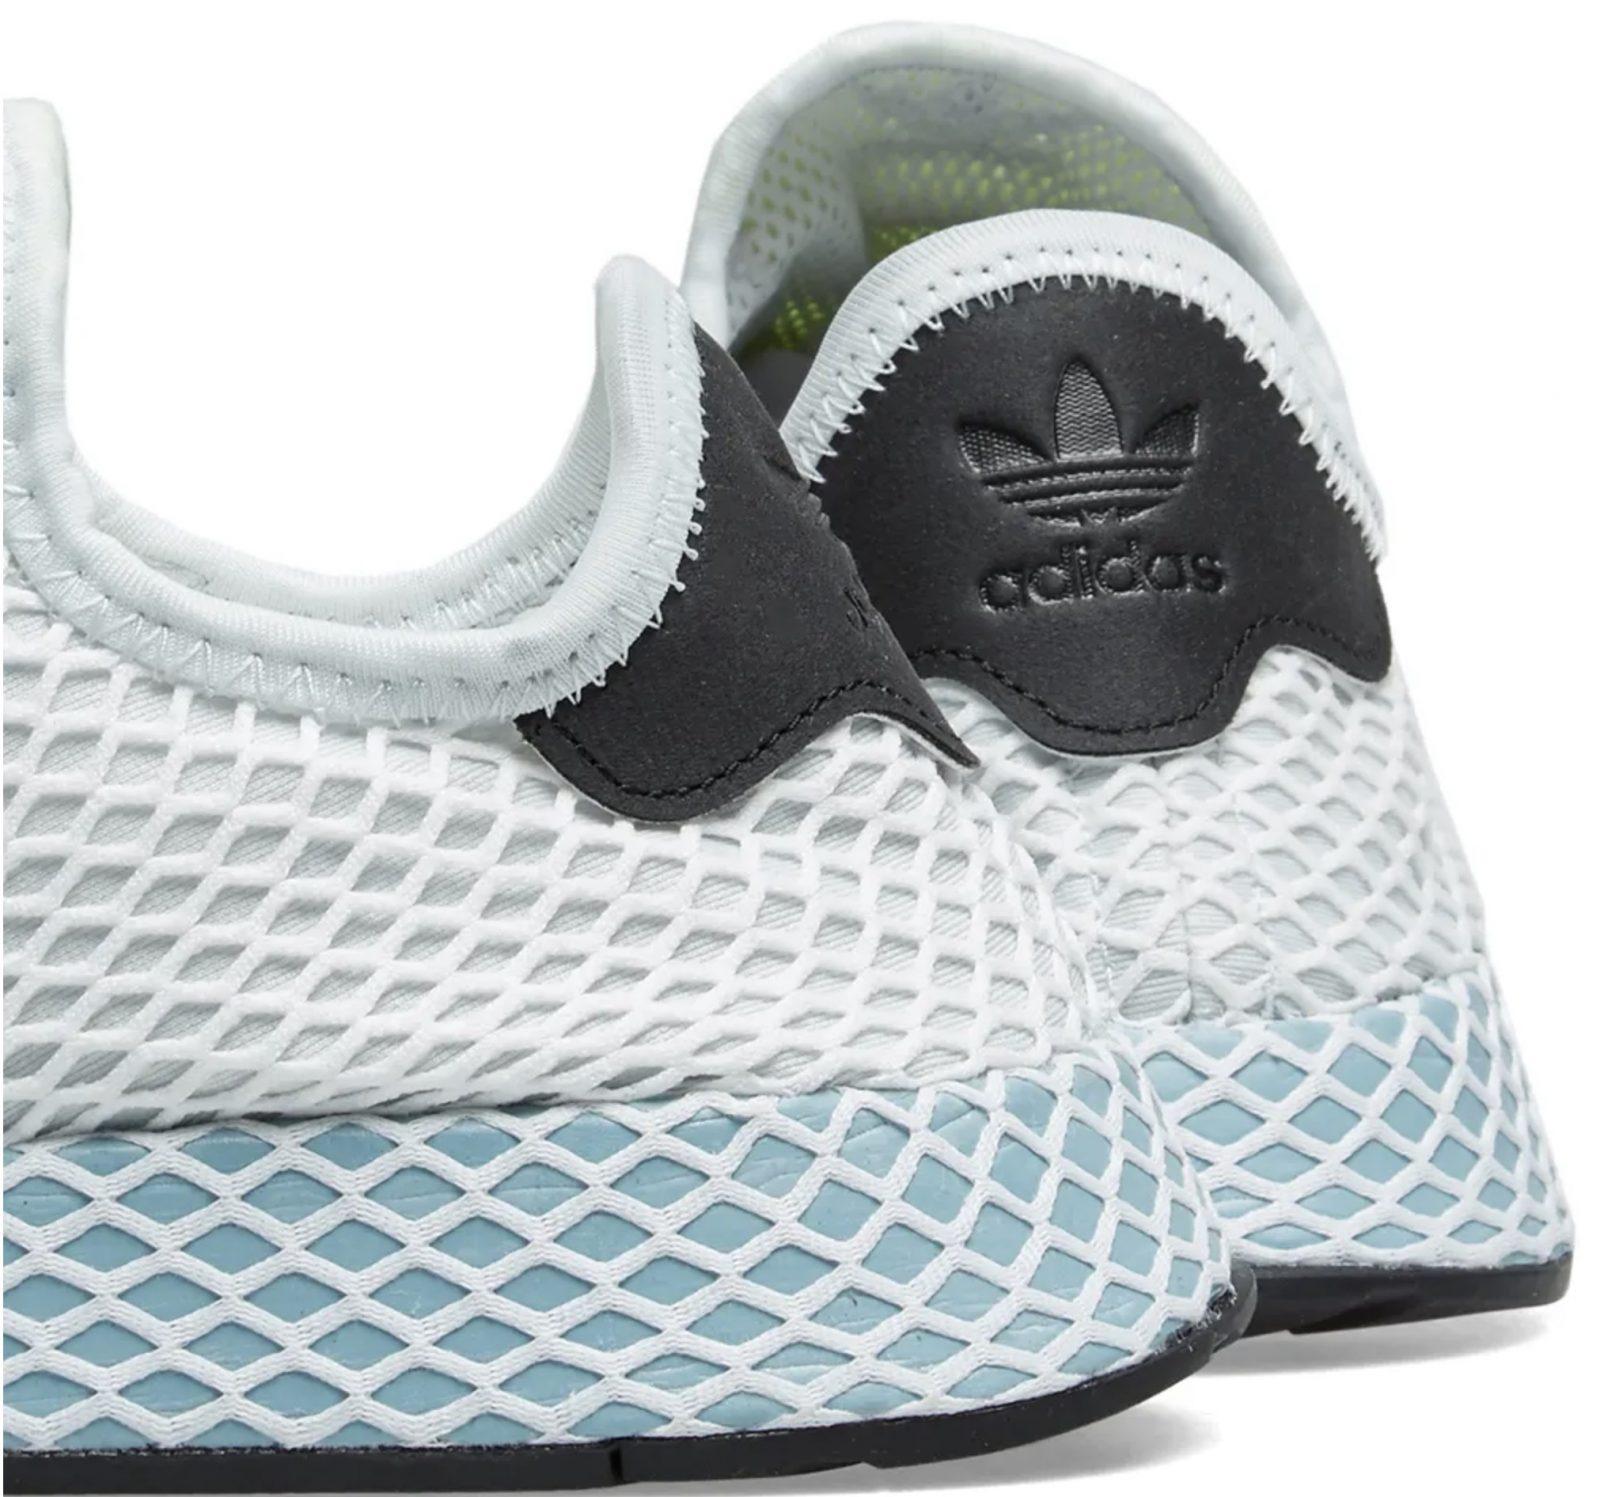 197a25602fbfb adidas Deerupt Runner Womens Blue Tint